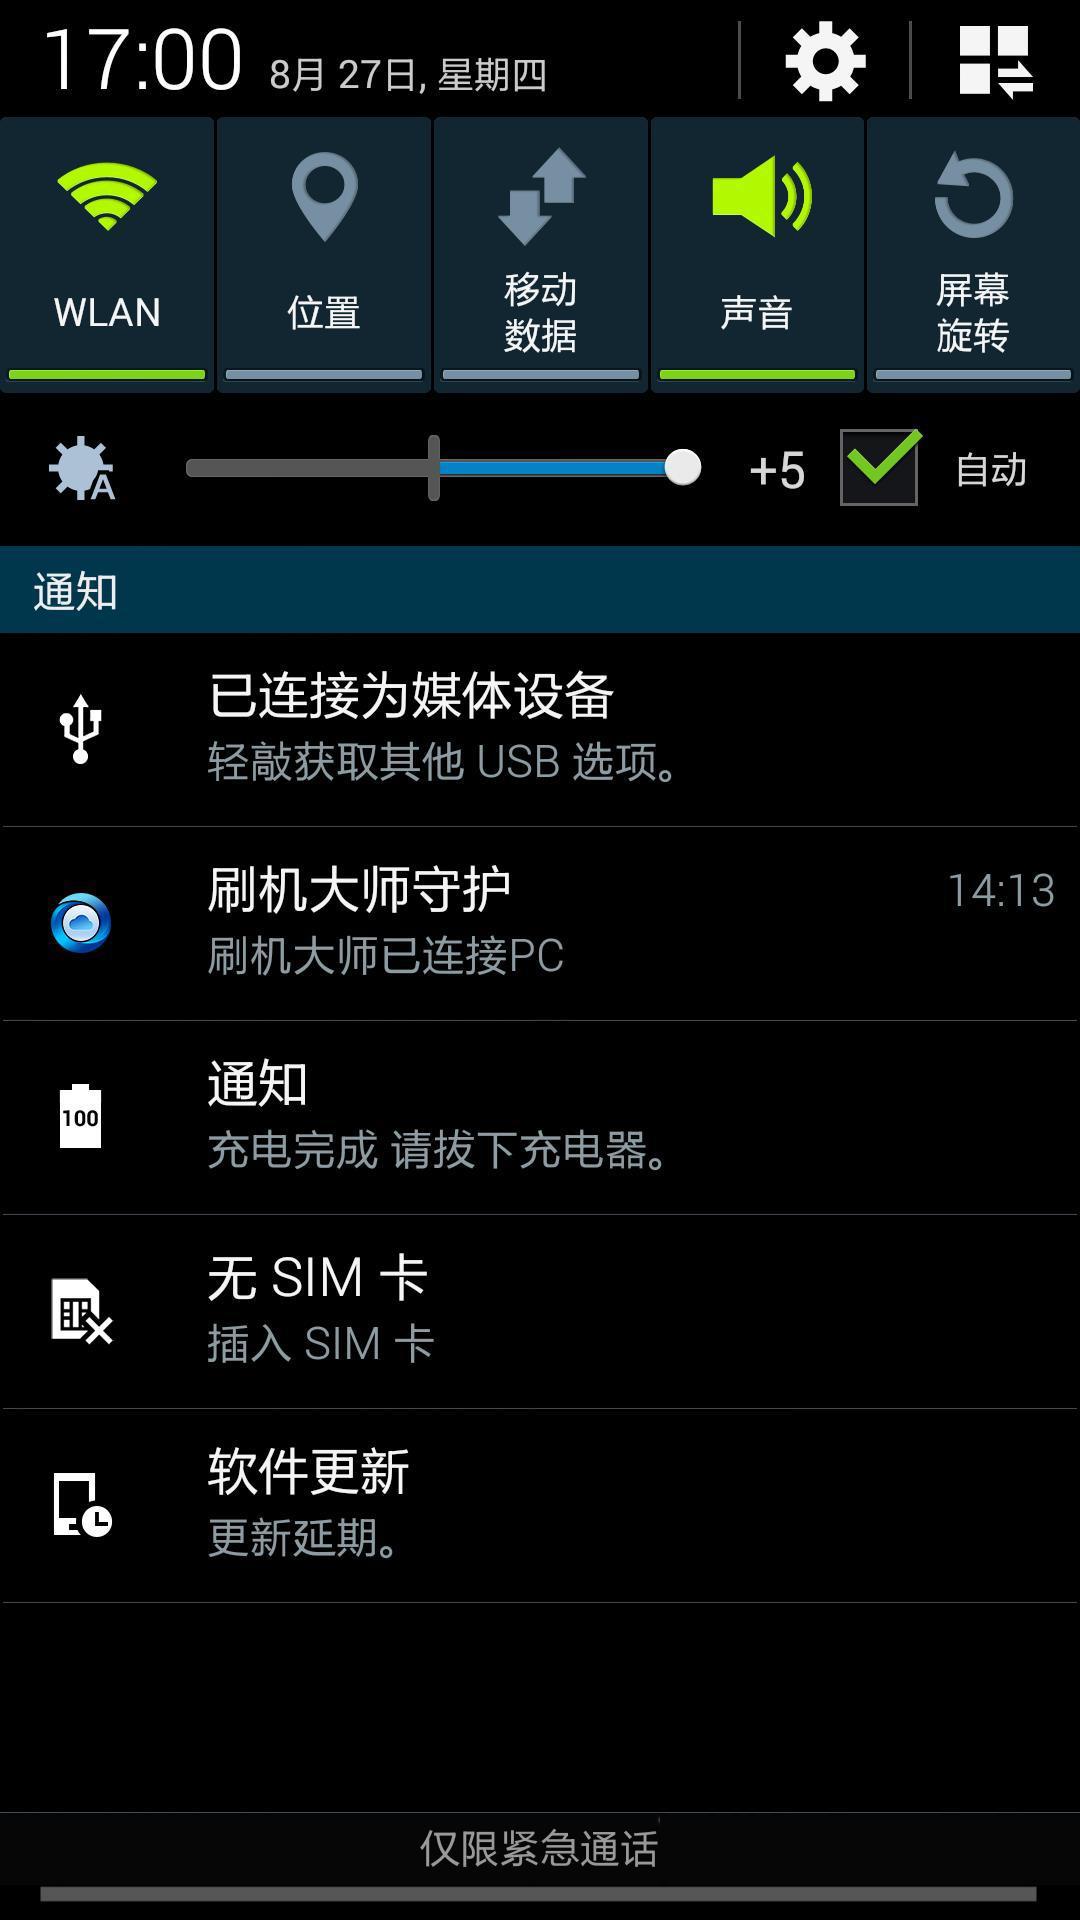 三星N9005刷机包 最新优化 亲测稳定 通话录音多功能 ROM刷机包截图